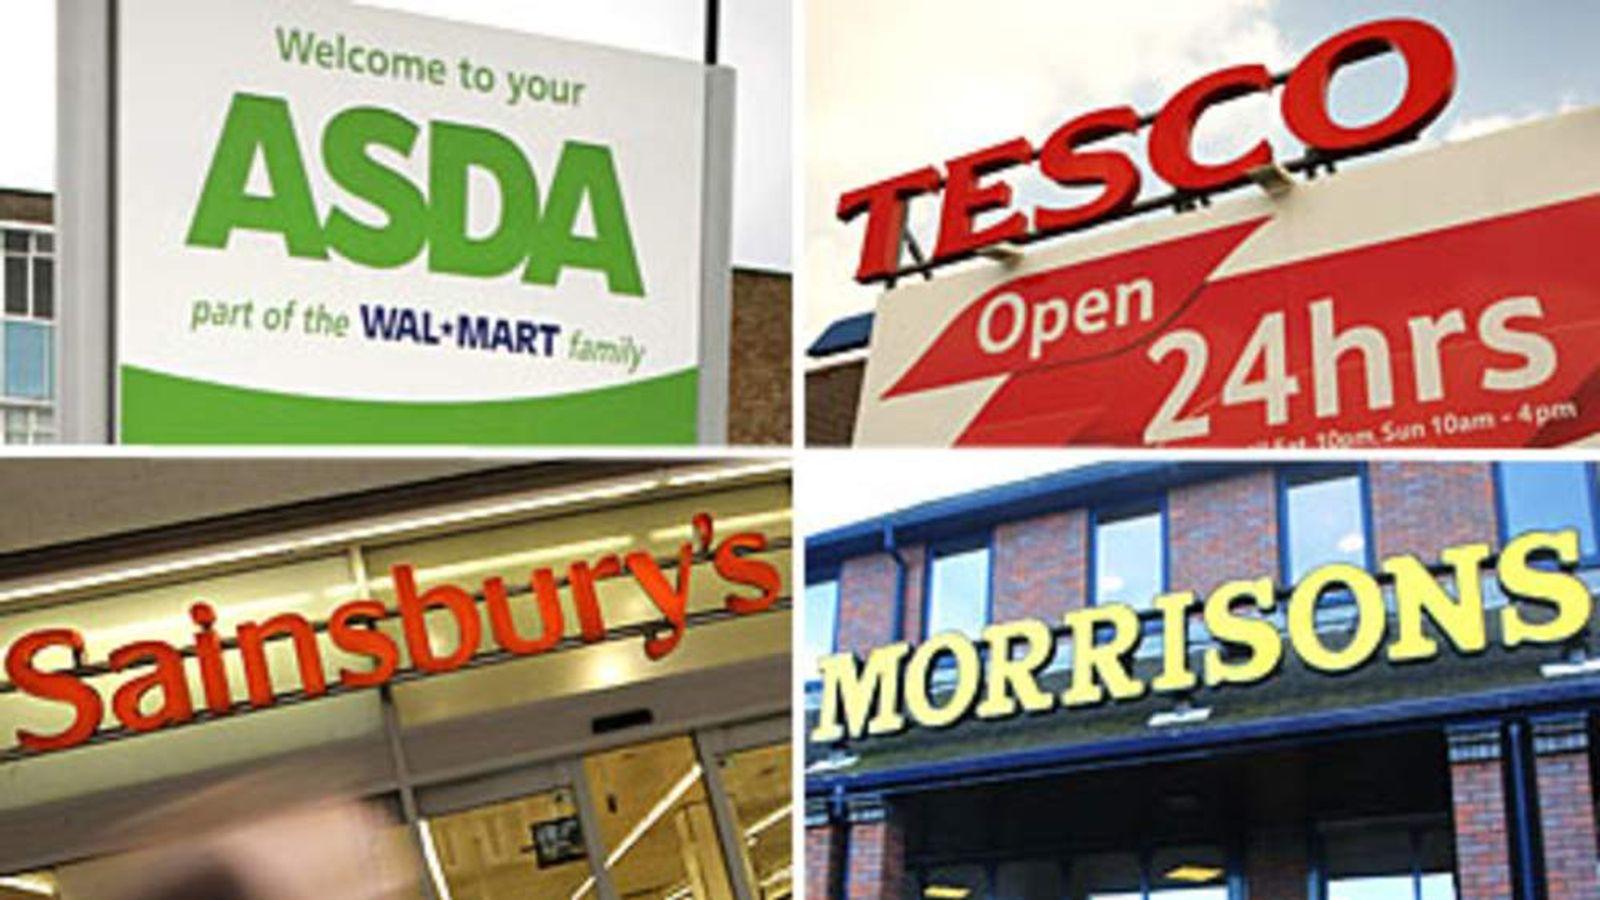 UK Supermarkets